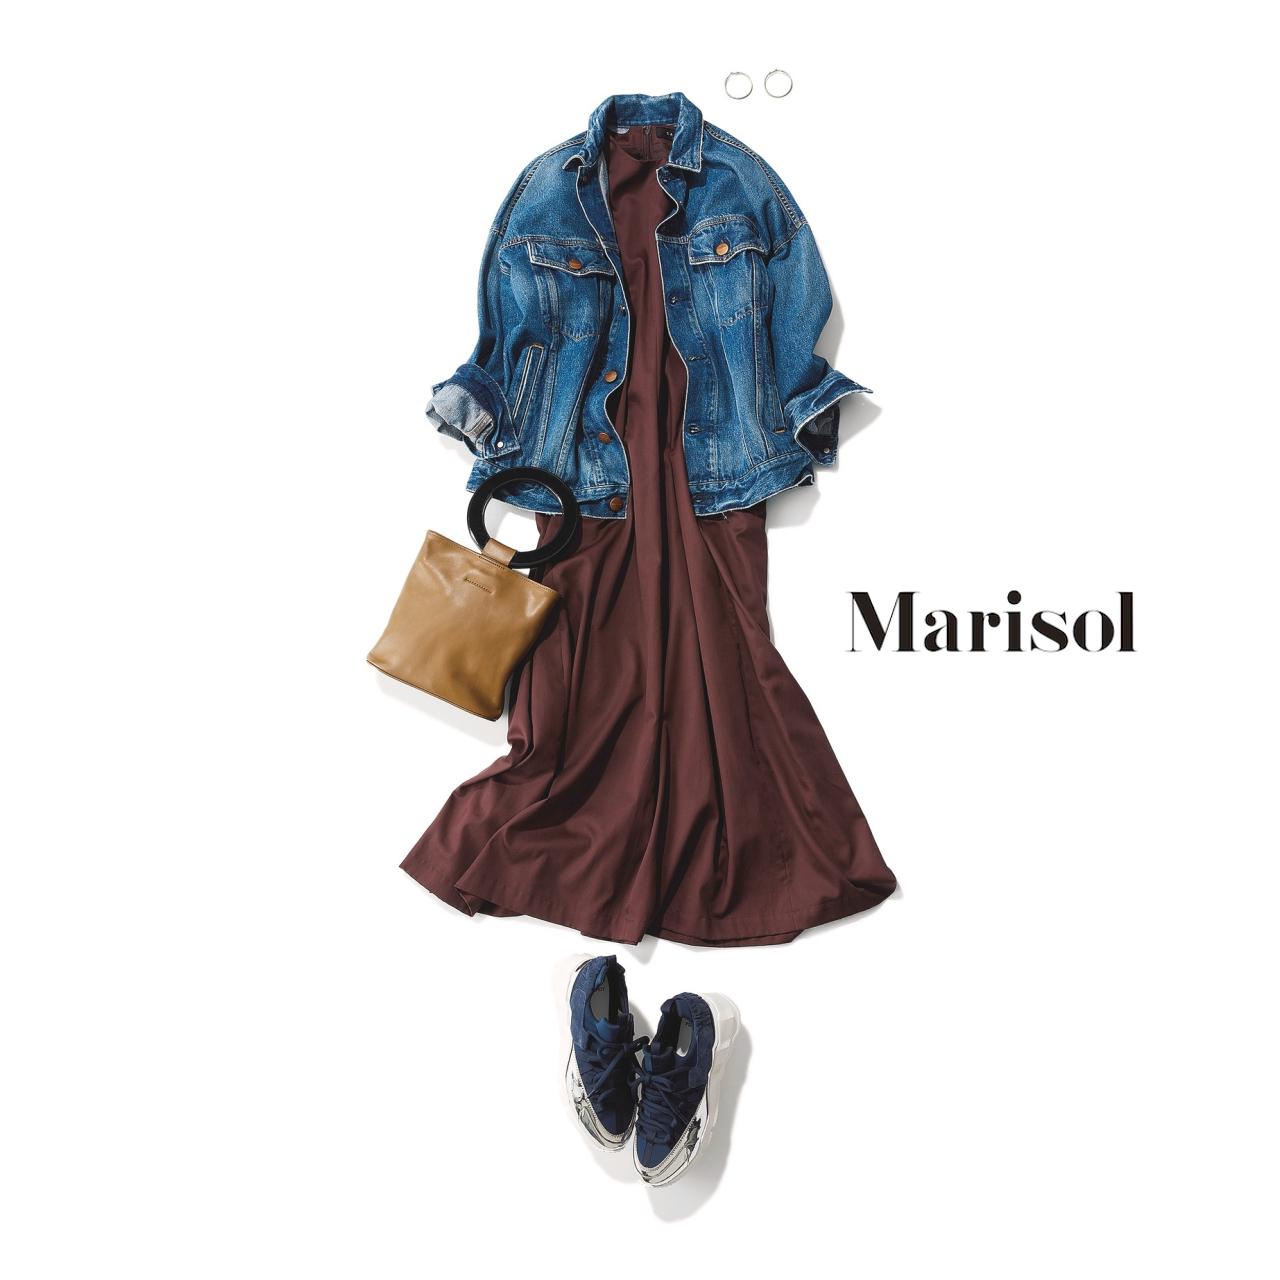 40代ファッション デニムジャケット×ブラウンワンピース×スニーカーコーデ